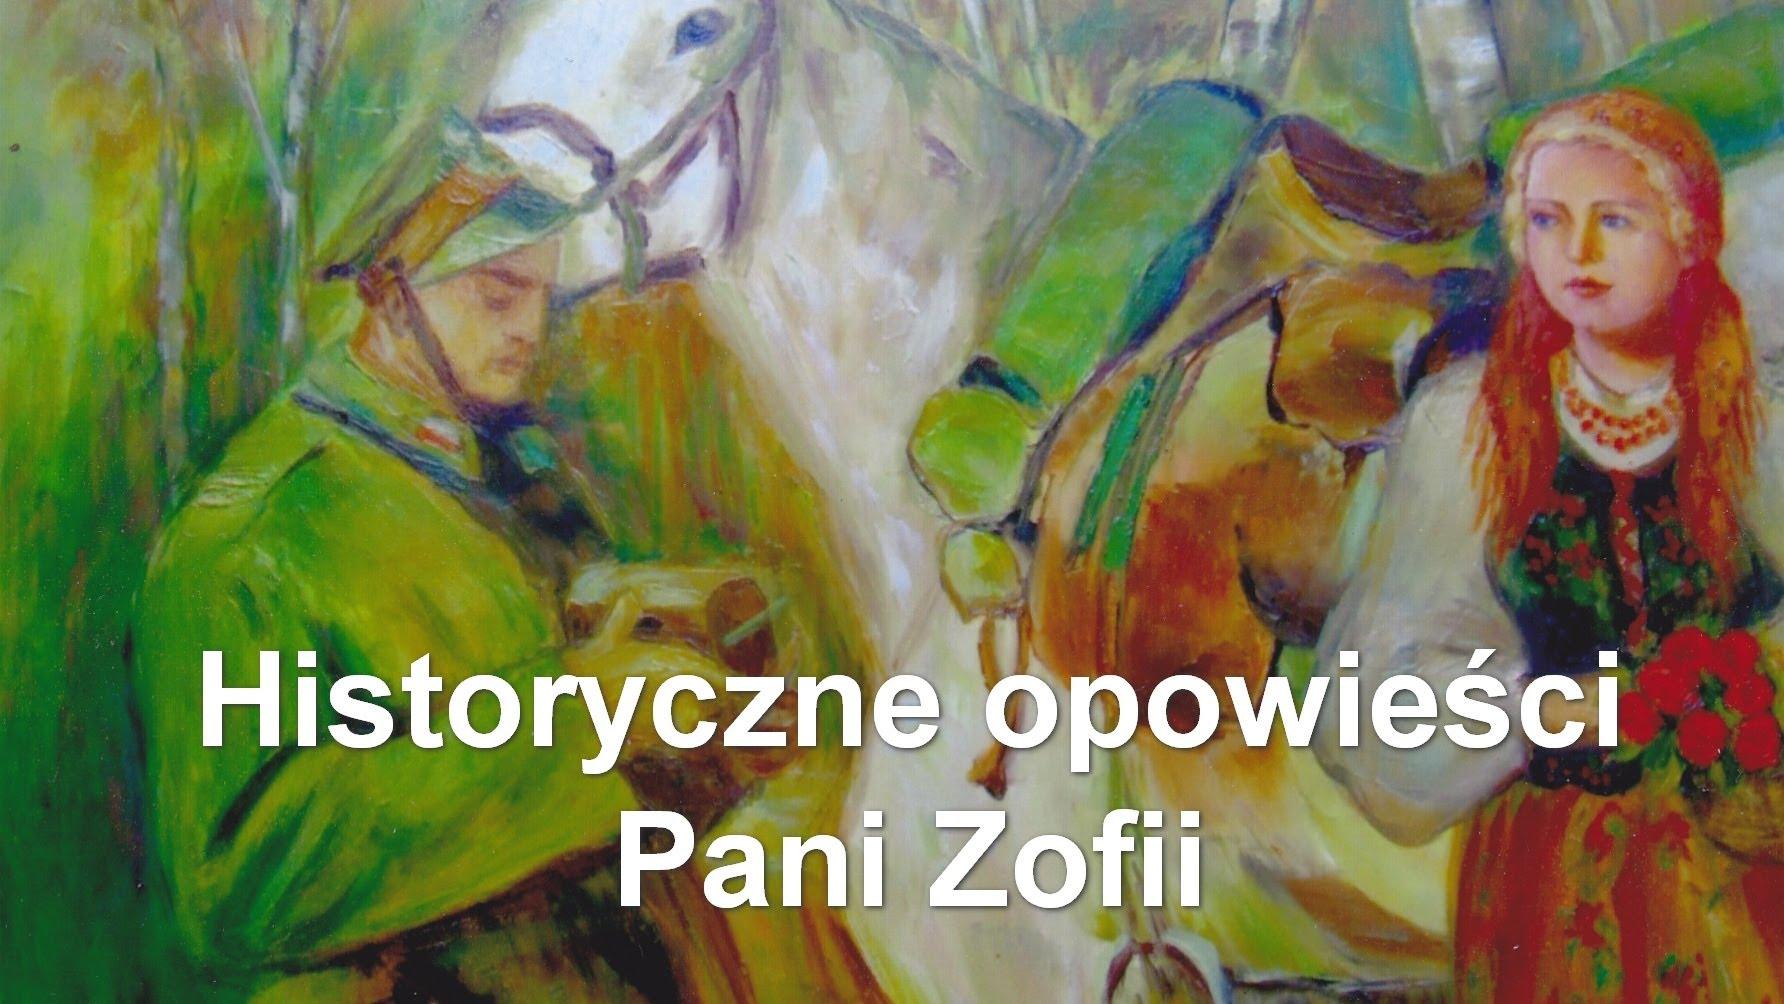 Historyczne opowieści Pani Zofii